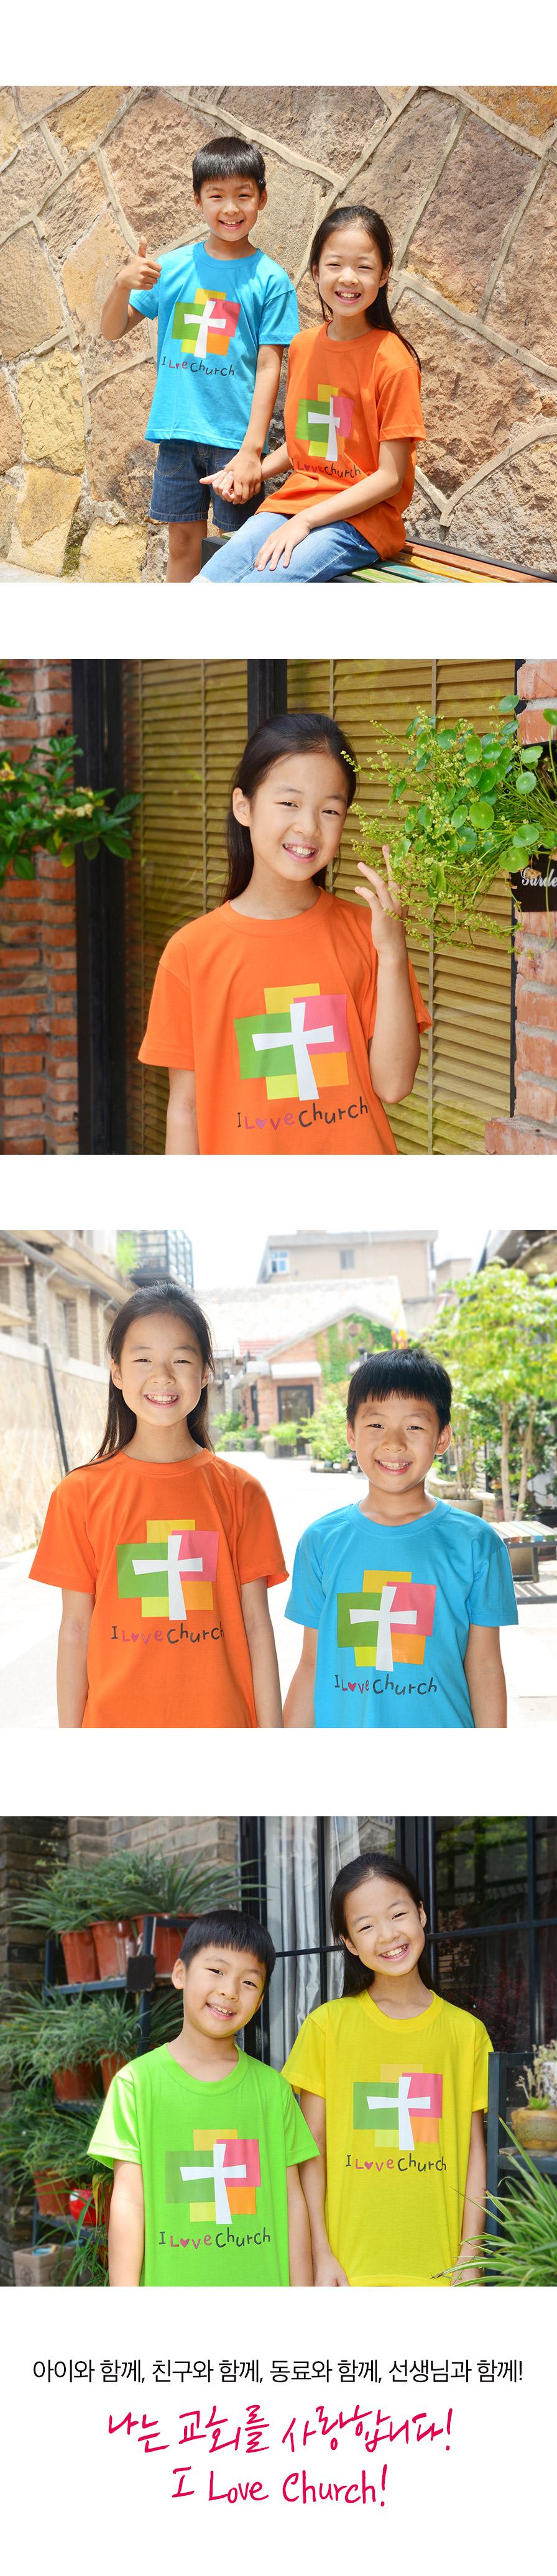 아이와 함께, 친구와 함께, 동료와 함께, 선생님과 함께 입는 티셔츠 I love Church